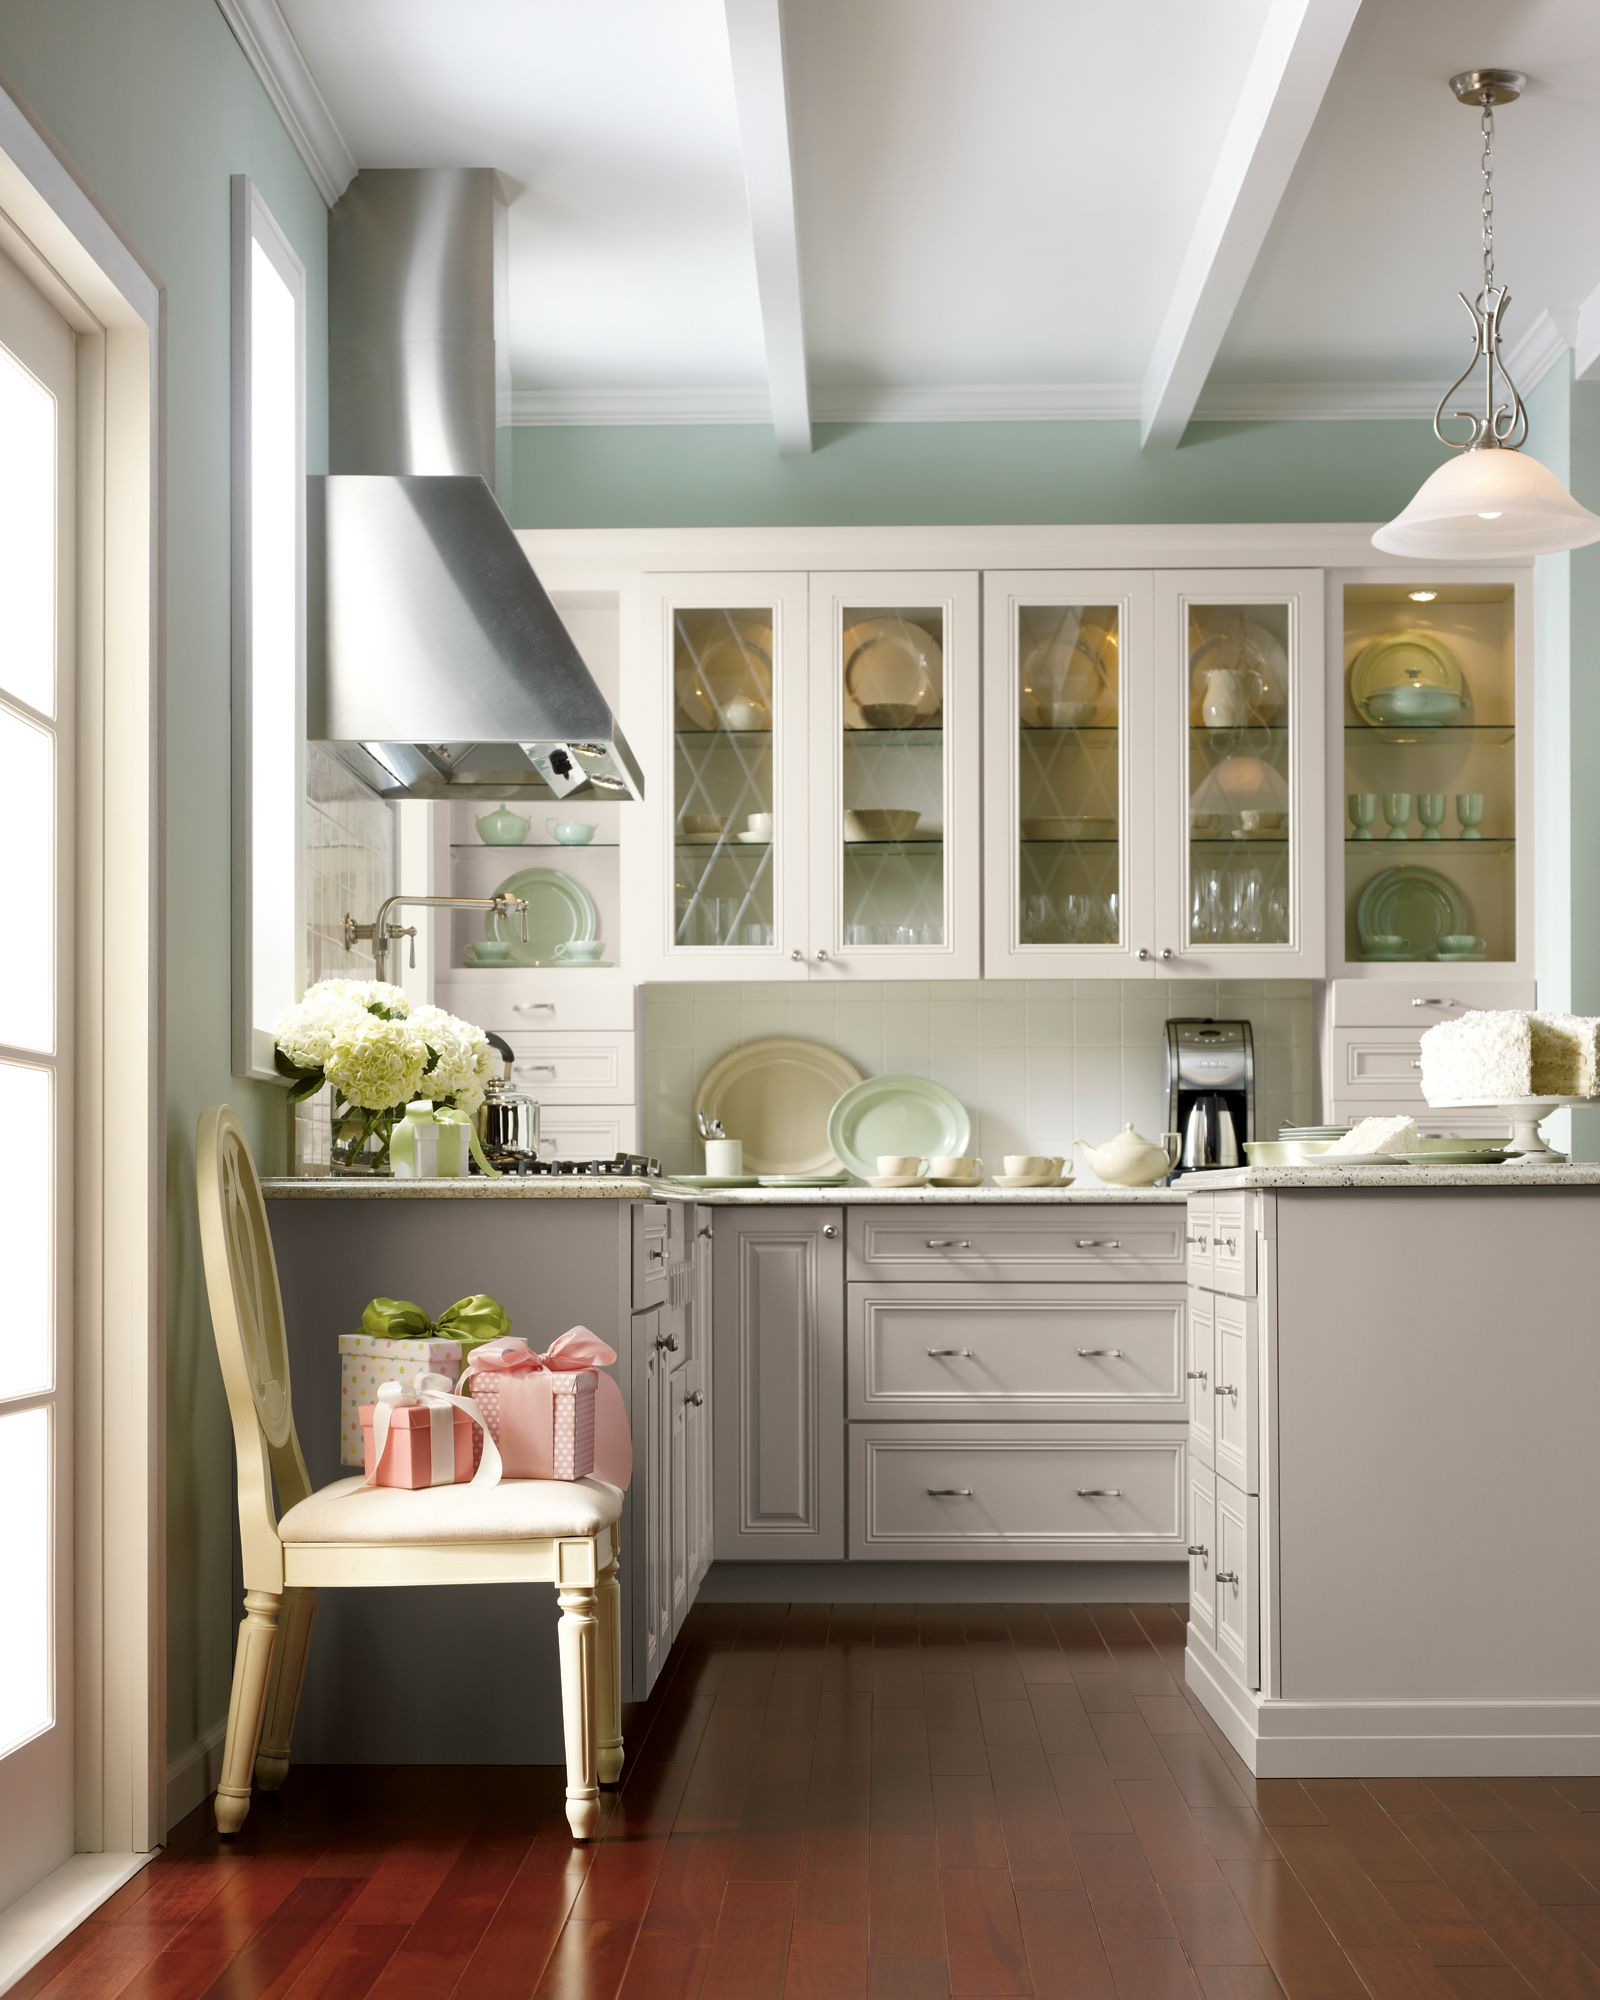 Martha Stewart Living Kitchen Designs From The Home Depot In 2020 Martha Stewart Living Kitchen Home Martha Stewart Kitchen